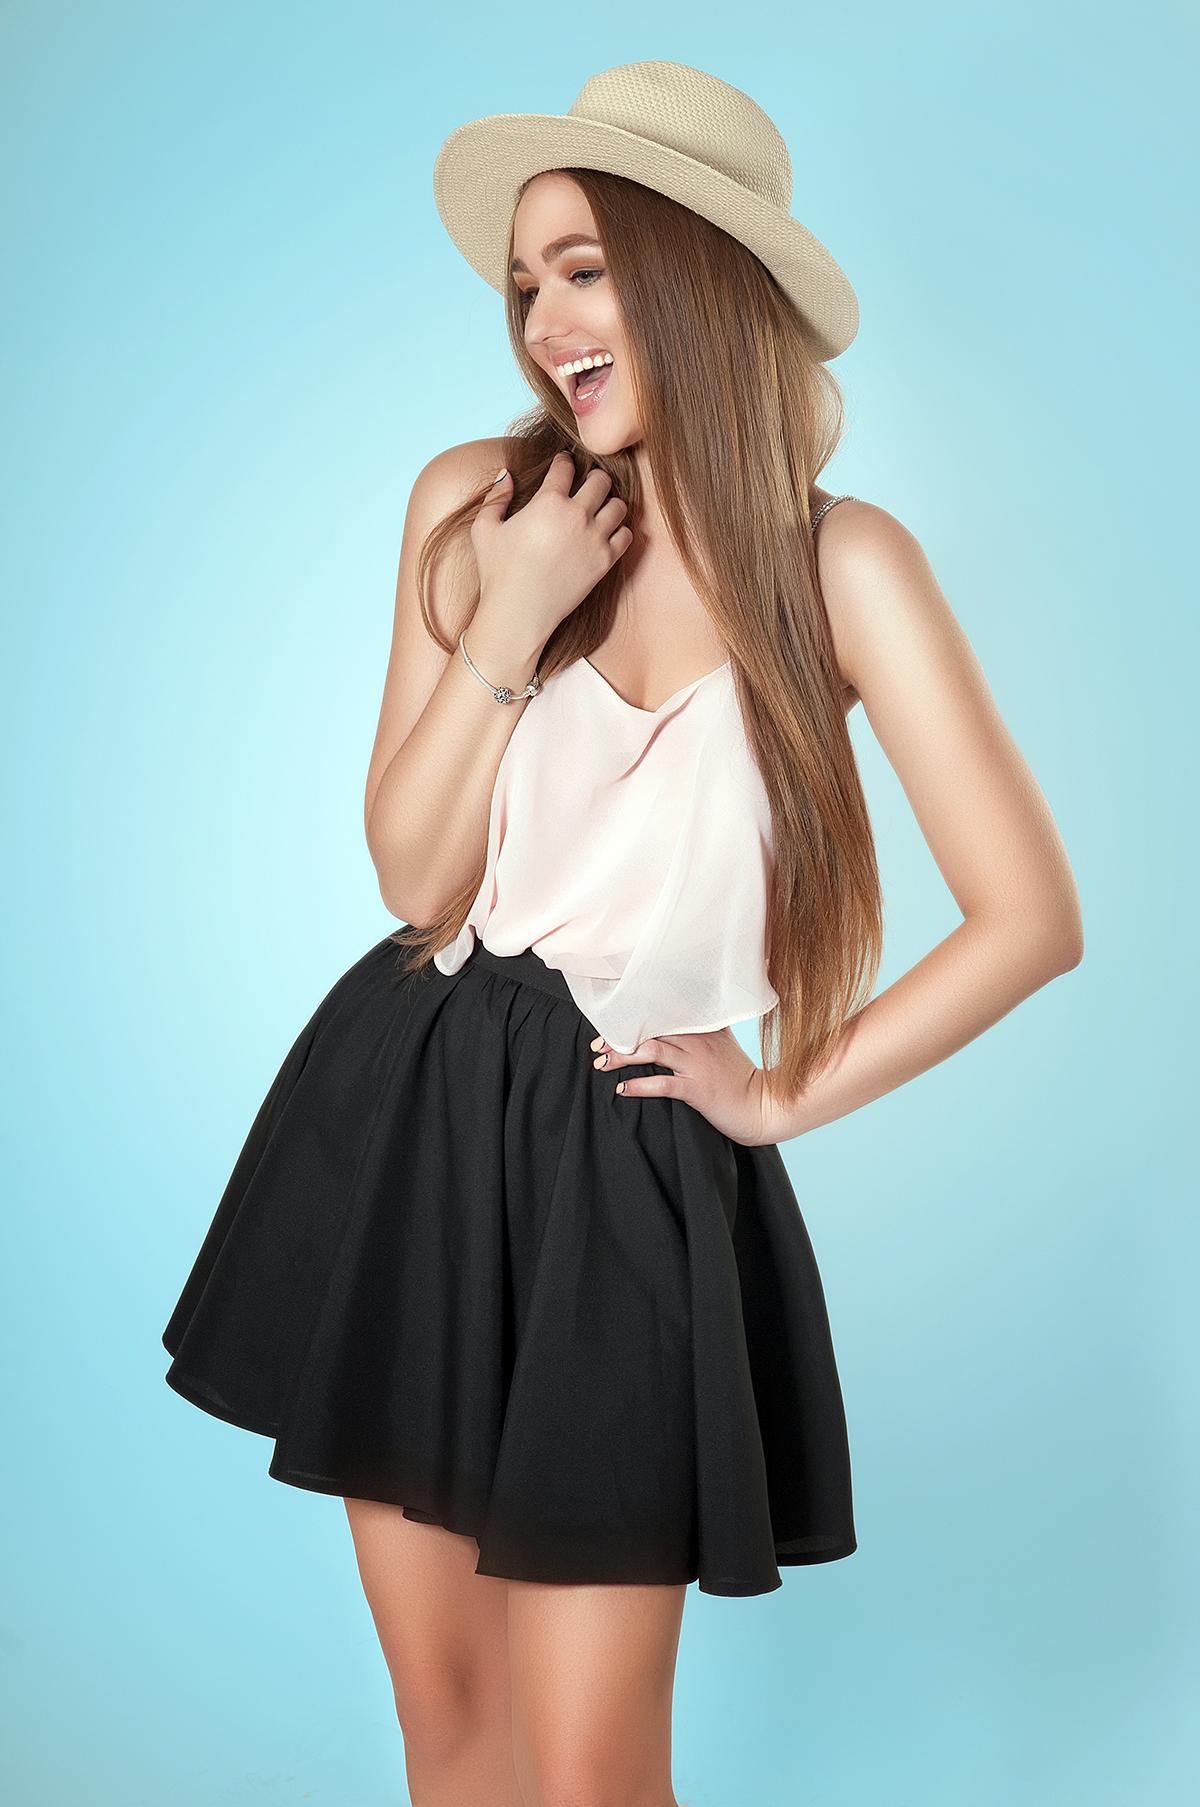 С чем надеть черную юбку картинки